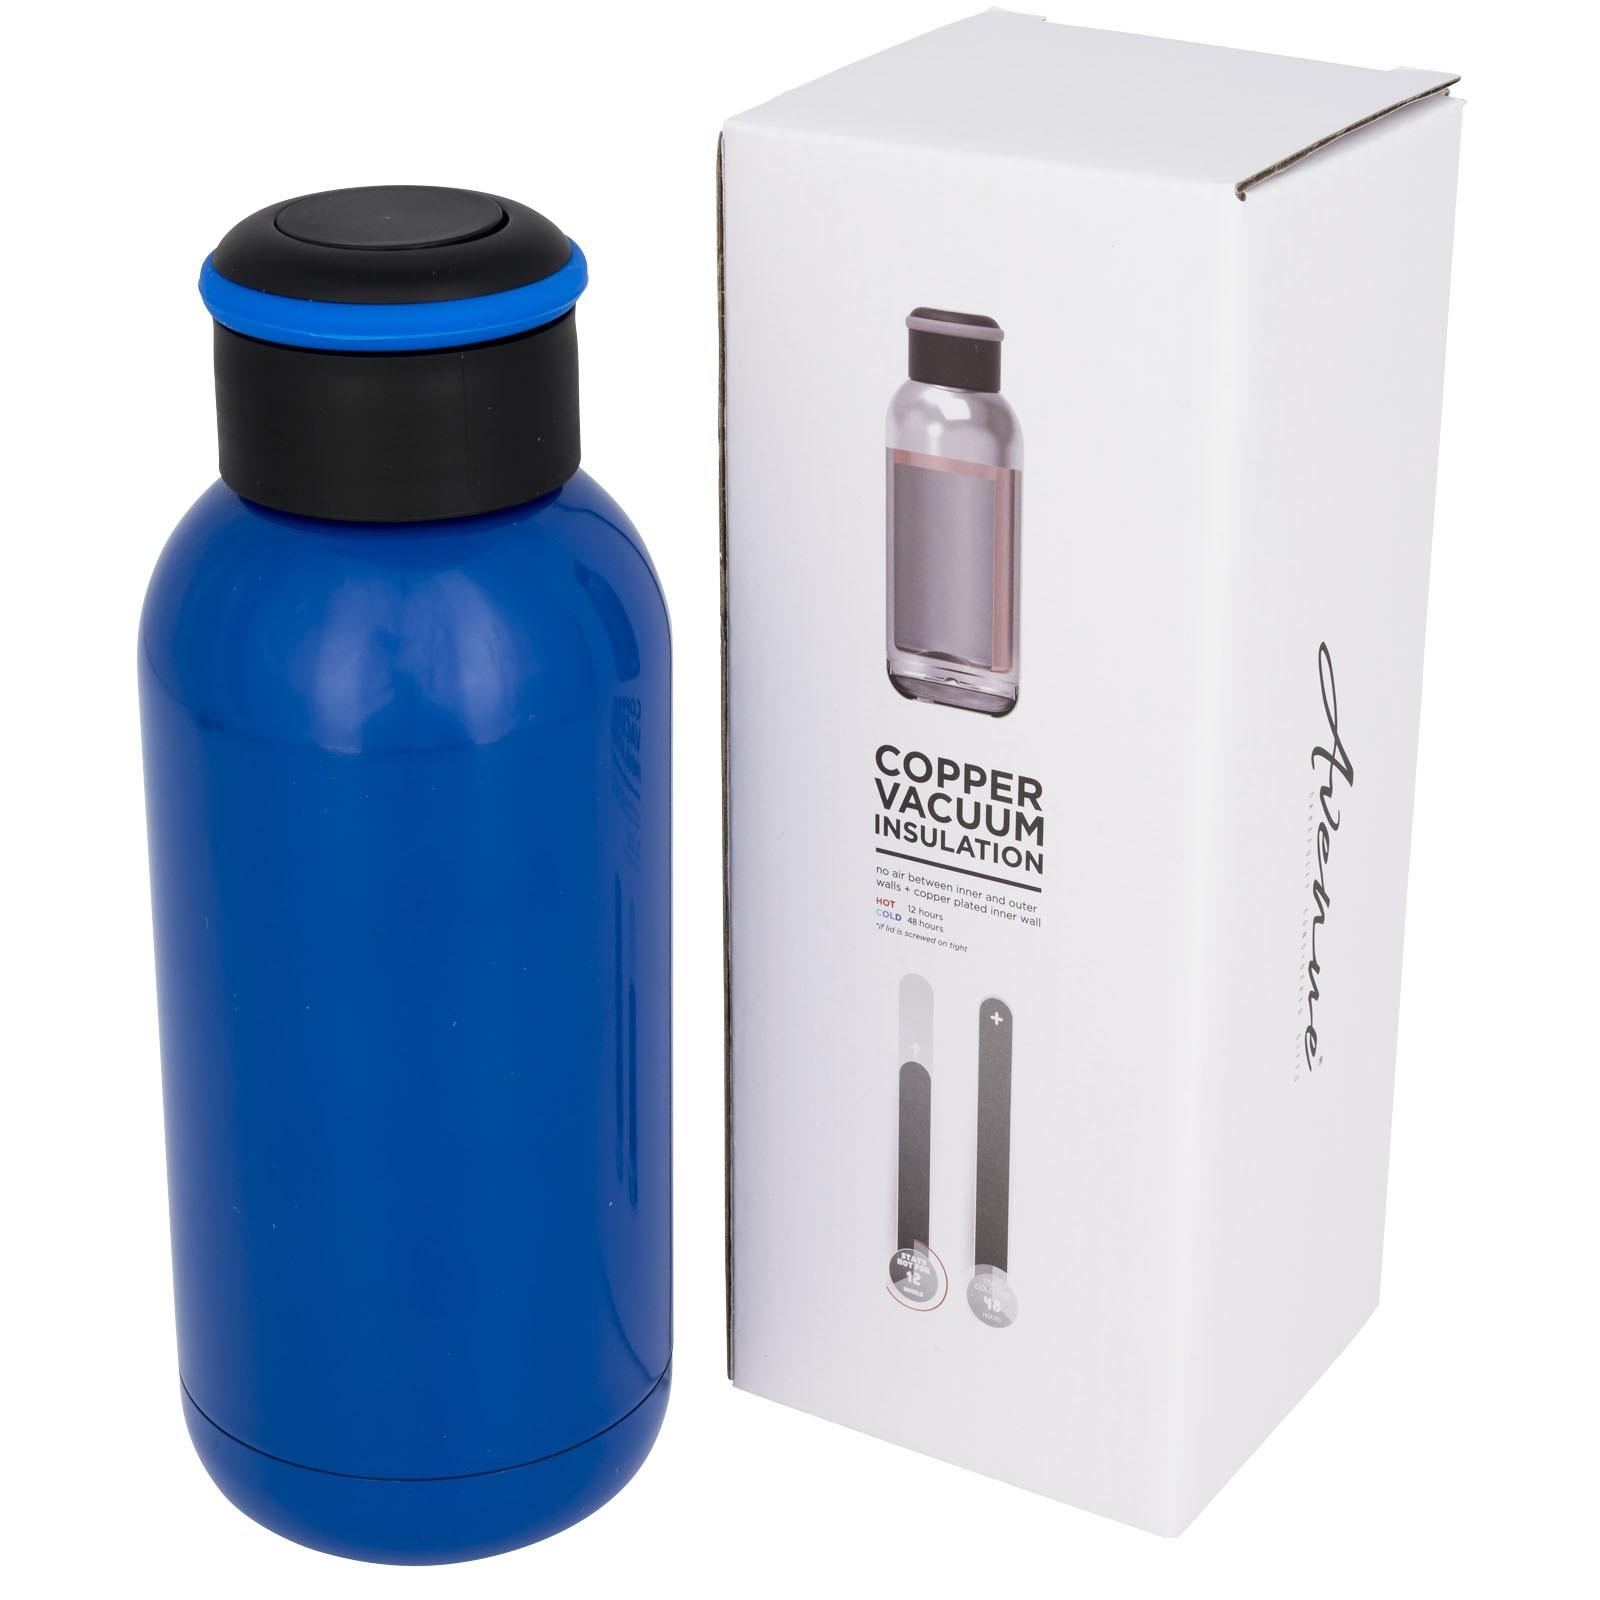 Copa 350 ml mini copper vacuum insulated bottle - Blue